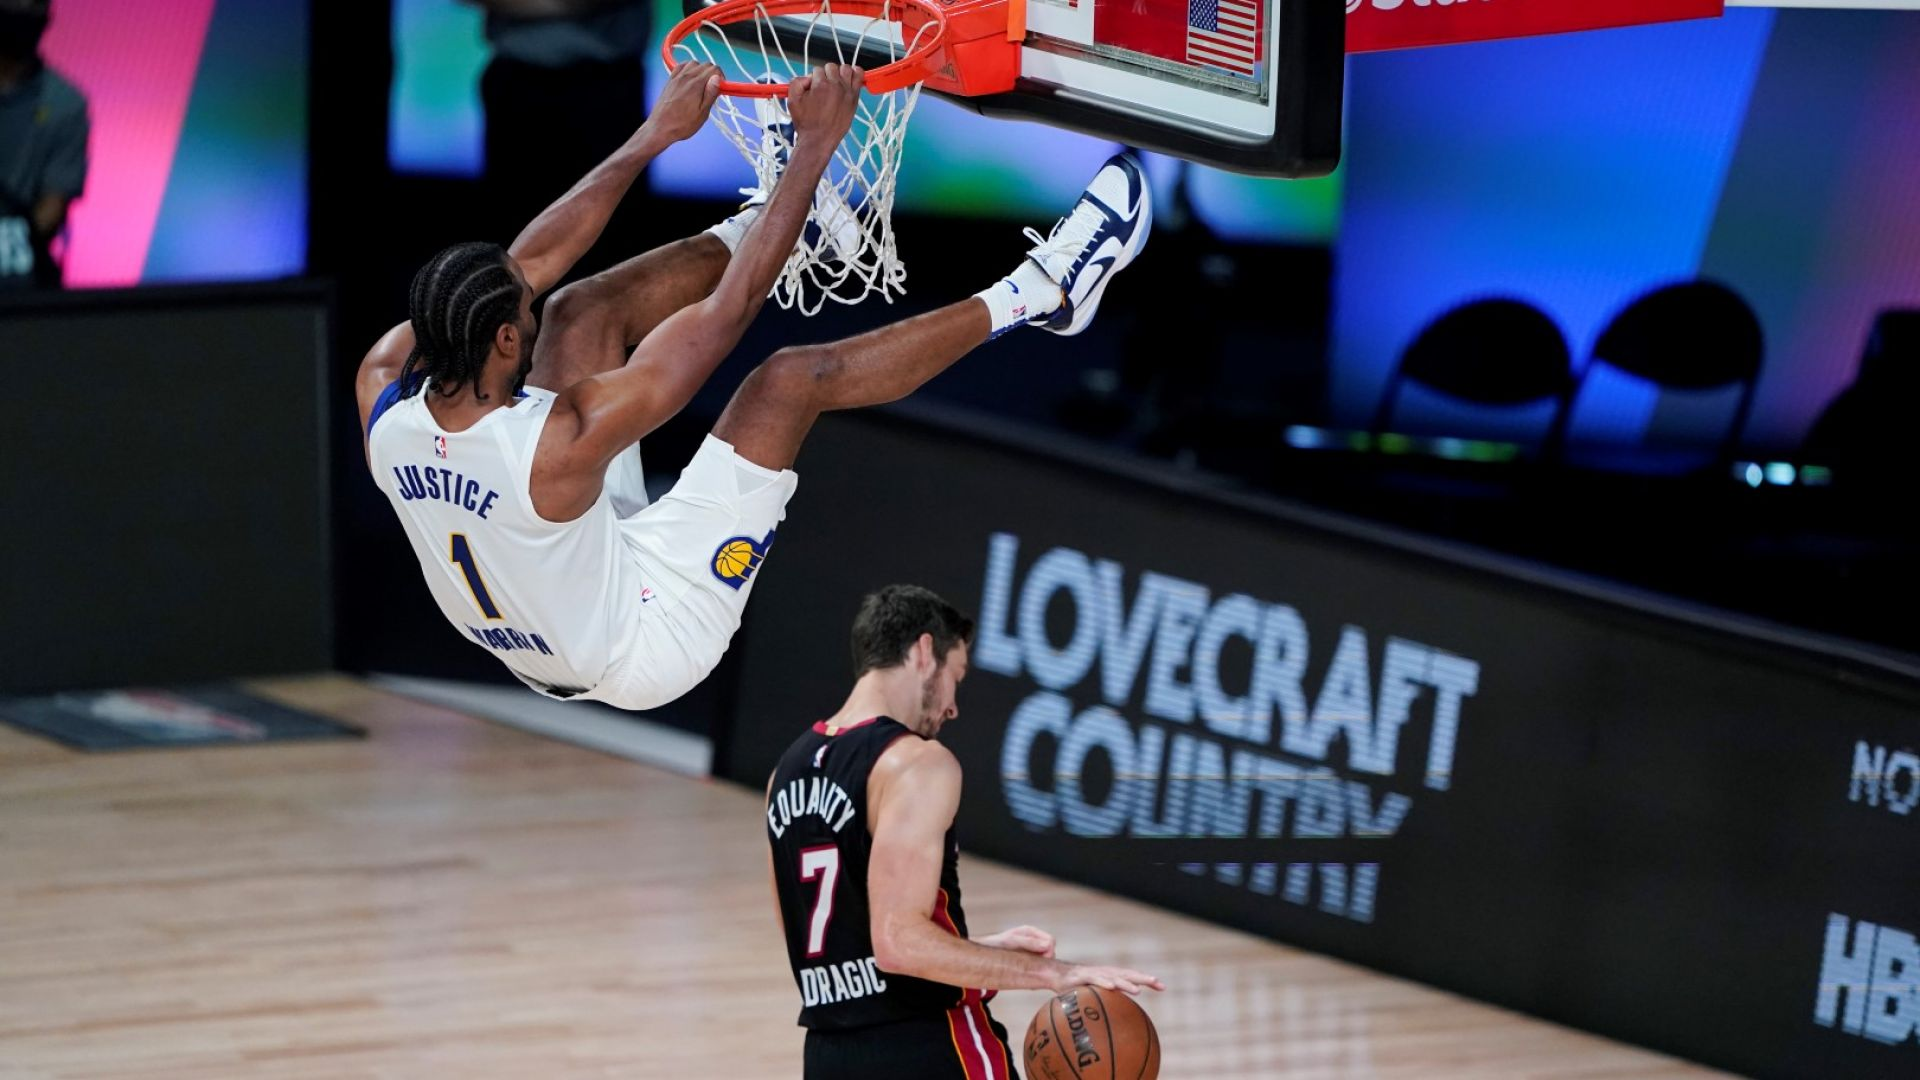 Първа лоша новина за годината в НБА - травма вади звезда за сезона